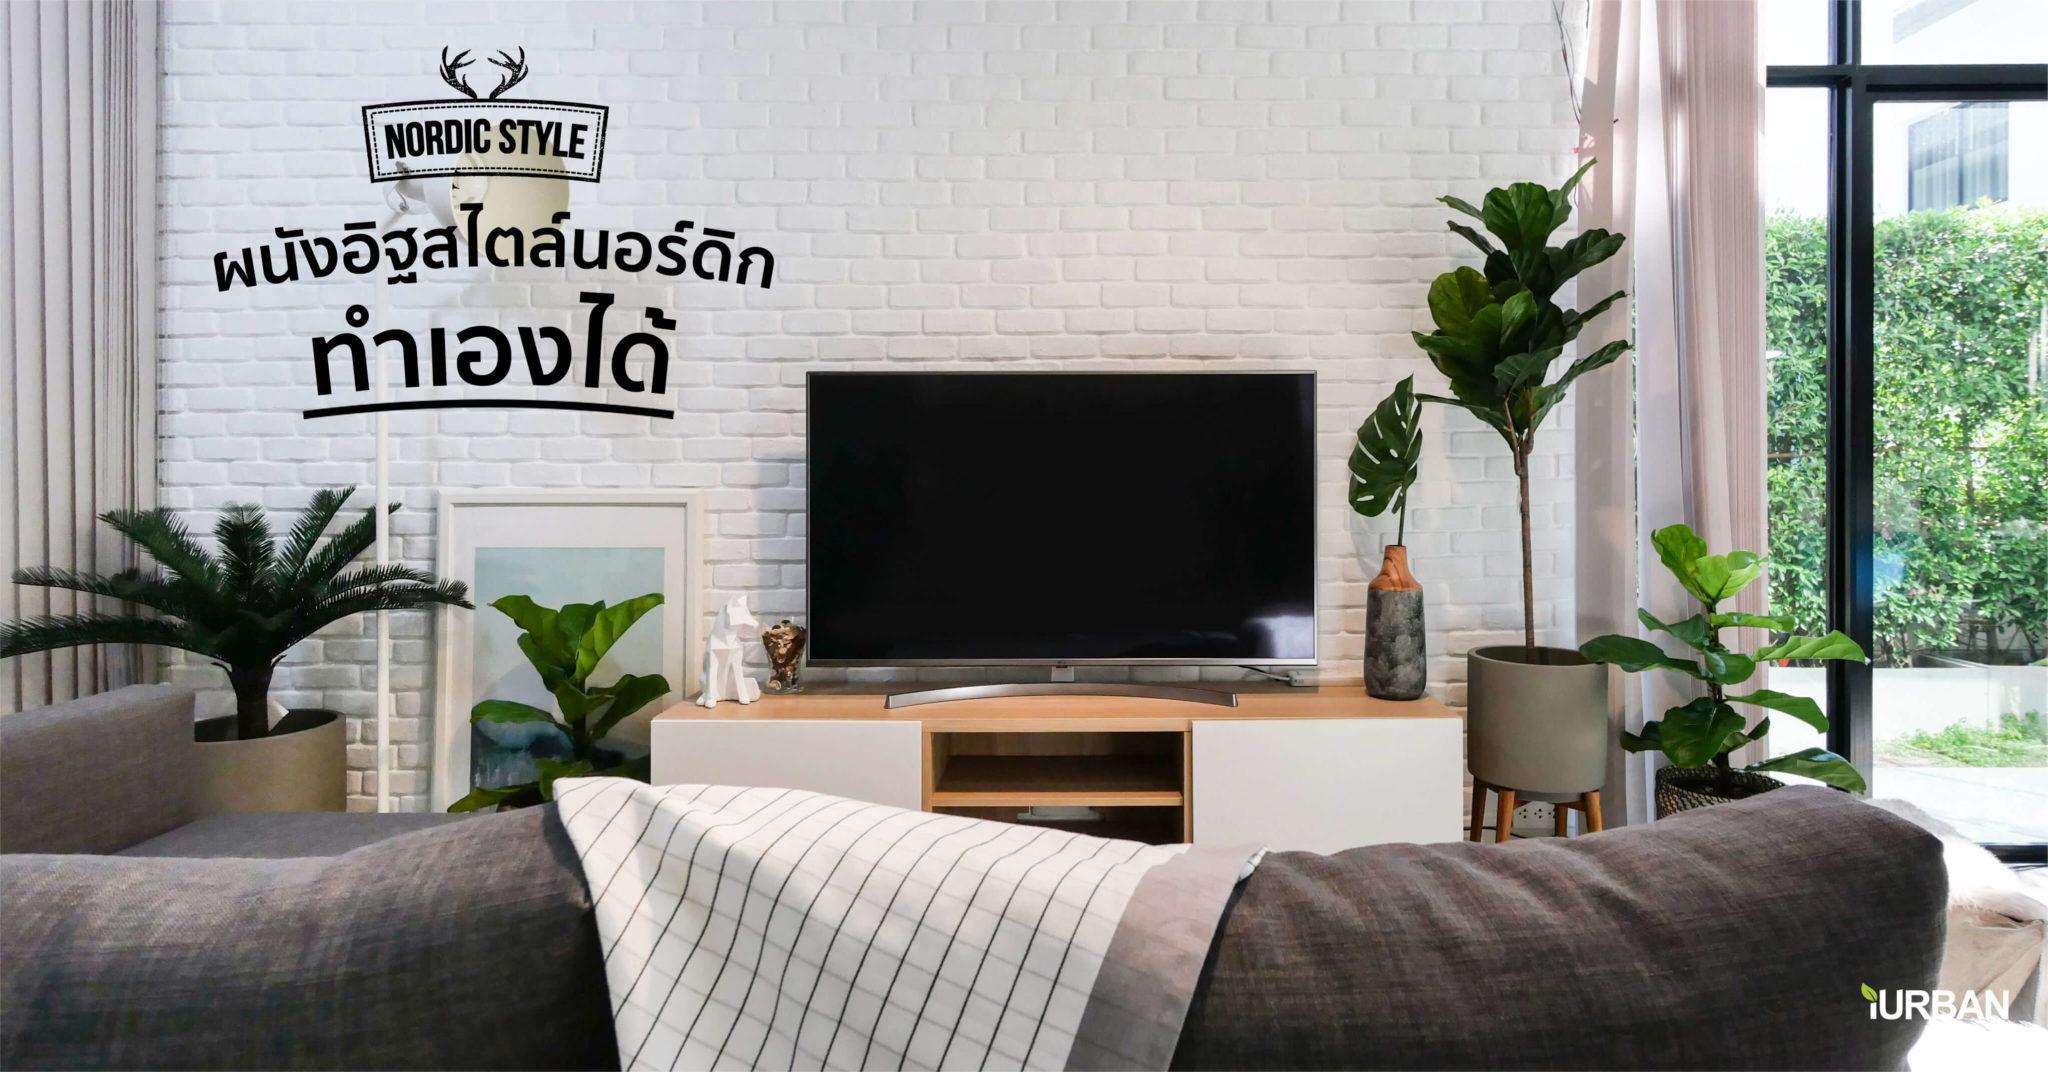 How to เปลี่ยนห้องนั่งเล่นเป็นสไตล์ Nordic ทำเองได้ ง่ายนิดเดียว! 6 - ตกแต่งบ้าน